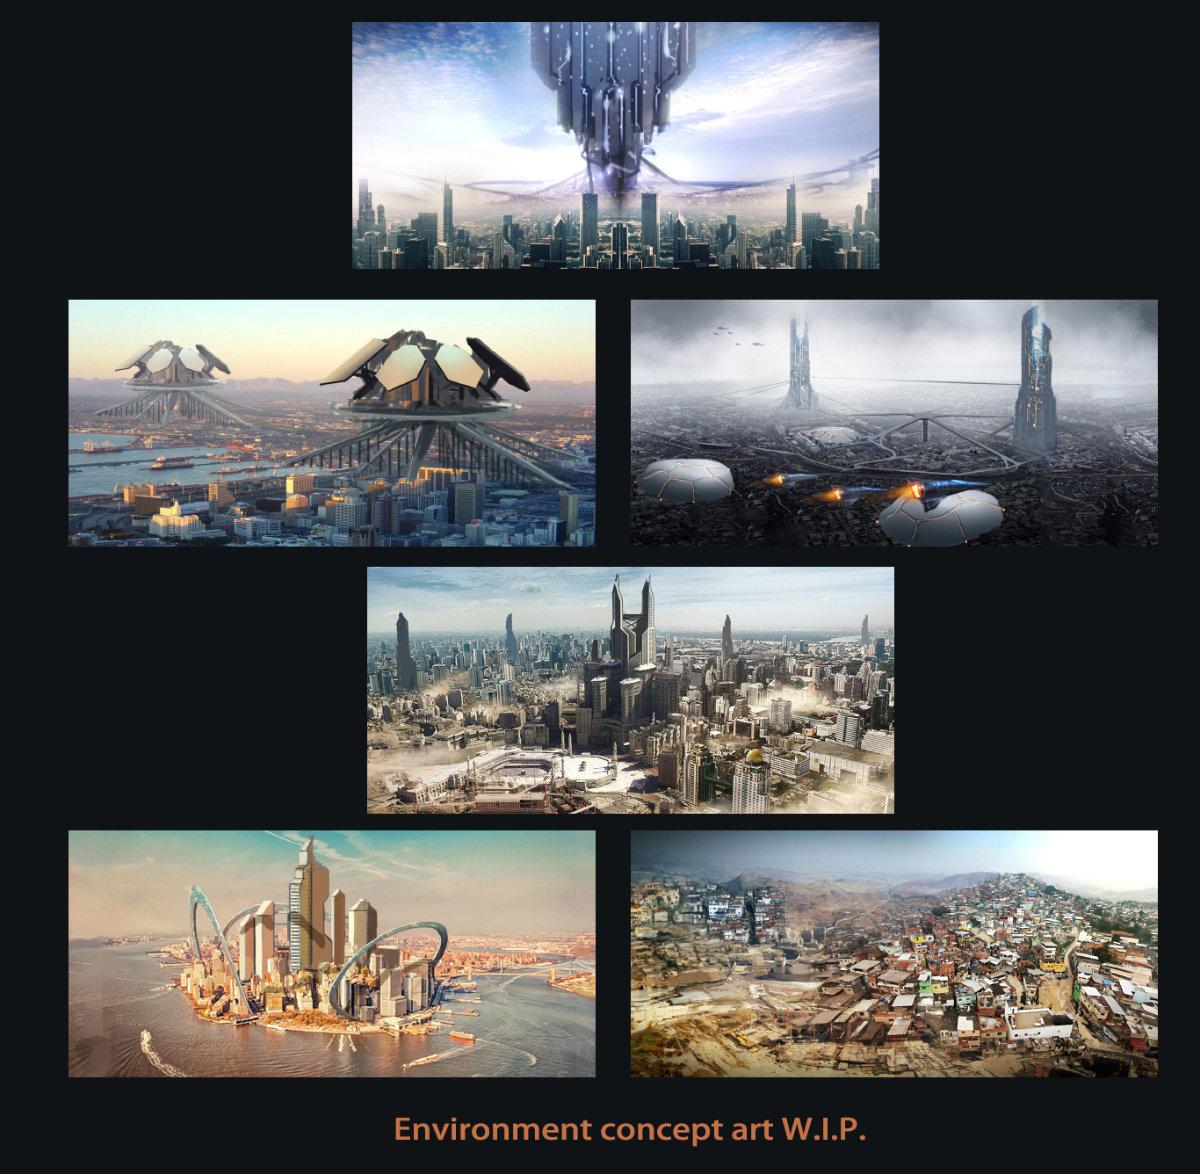 Main cities concept art